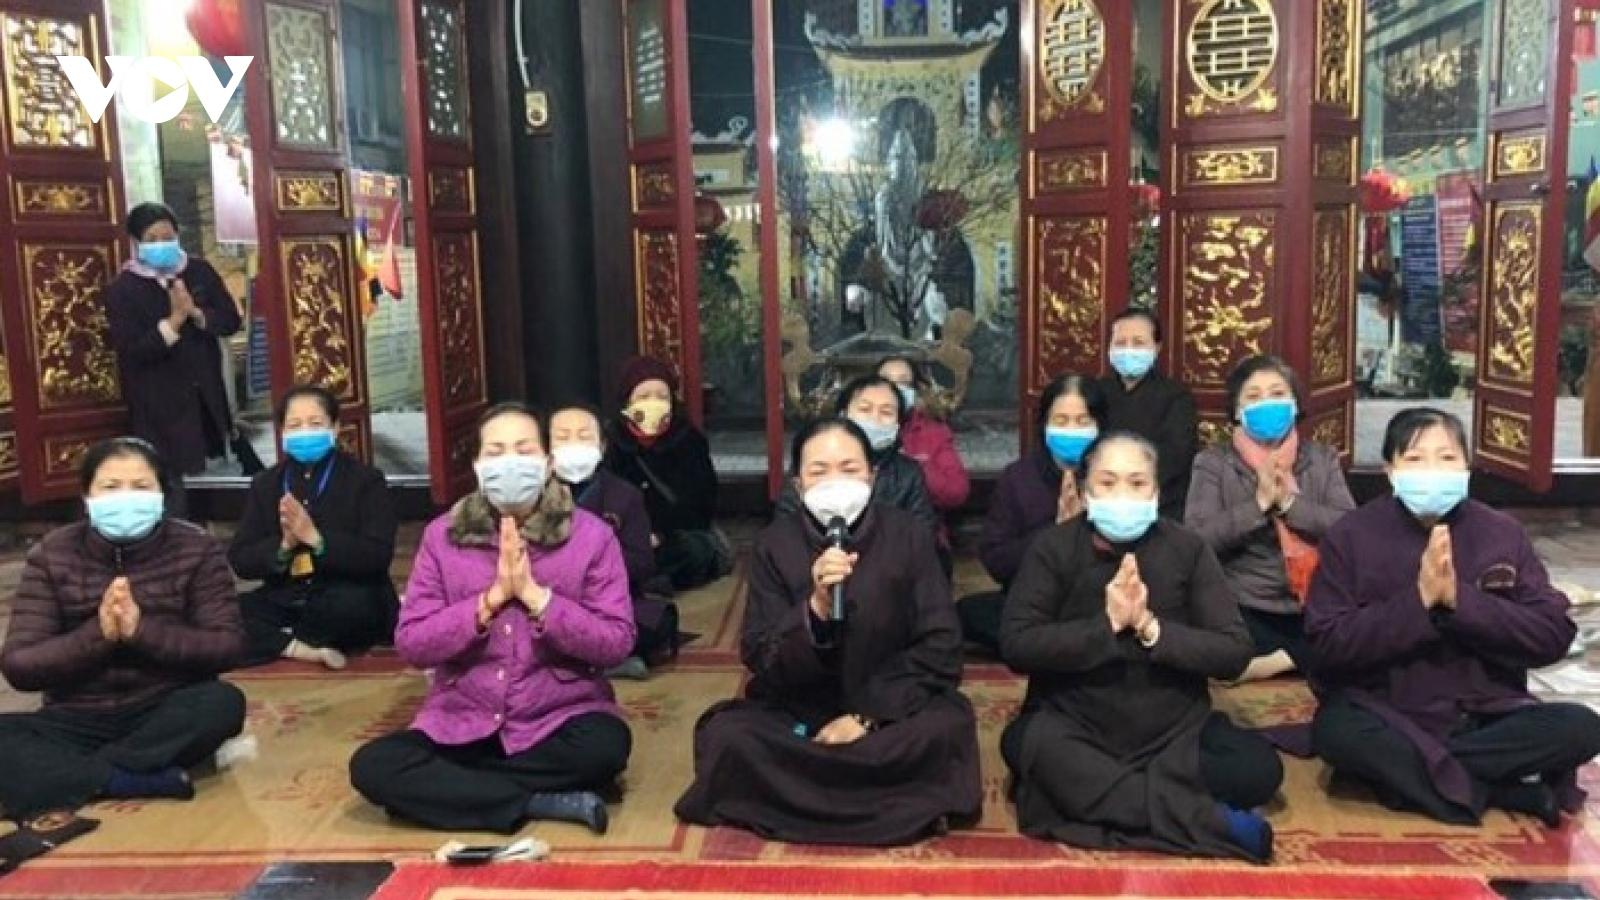 Thượng tọa Thích Đức Thiện: Đeo khẩu trang khi hành lễ ở chùa không có gì là bất kính